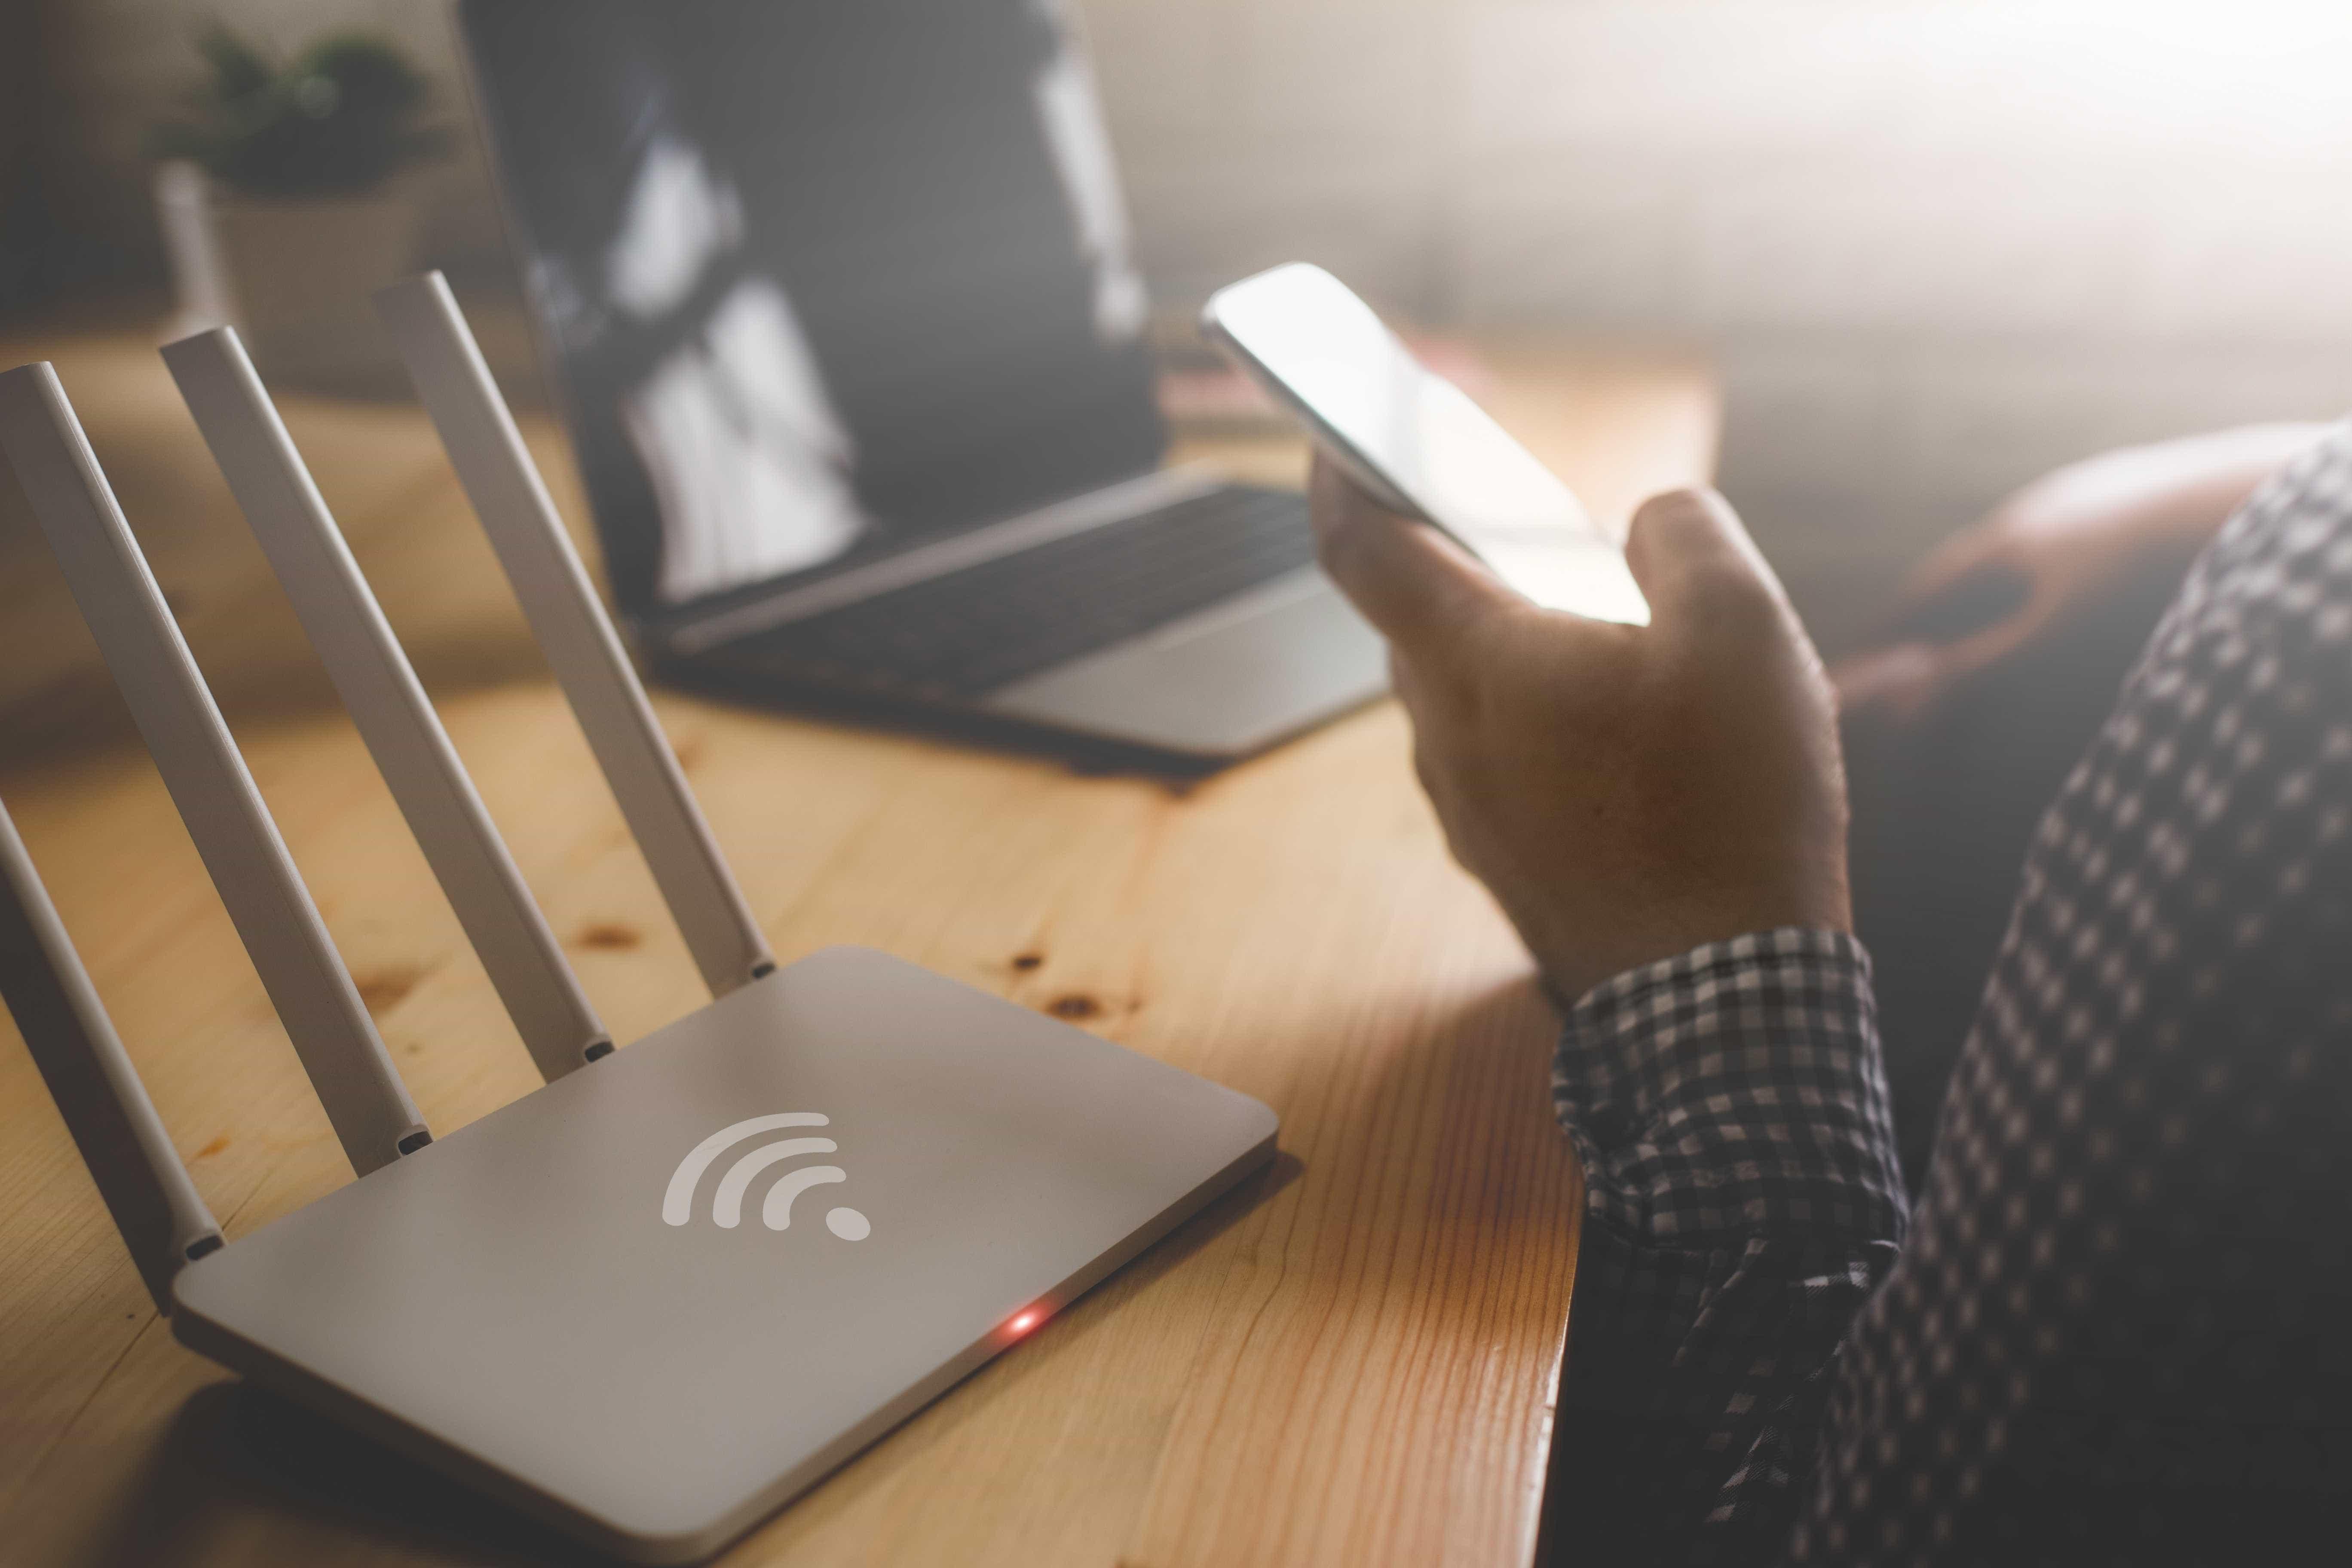 Internet lenta? Descubra que objeto na sua casa pode prejudicar o Wi-Fi